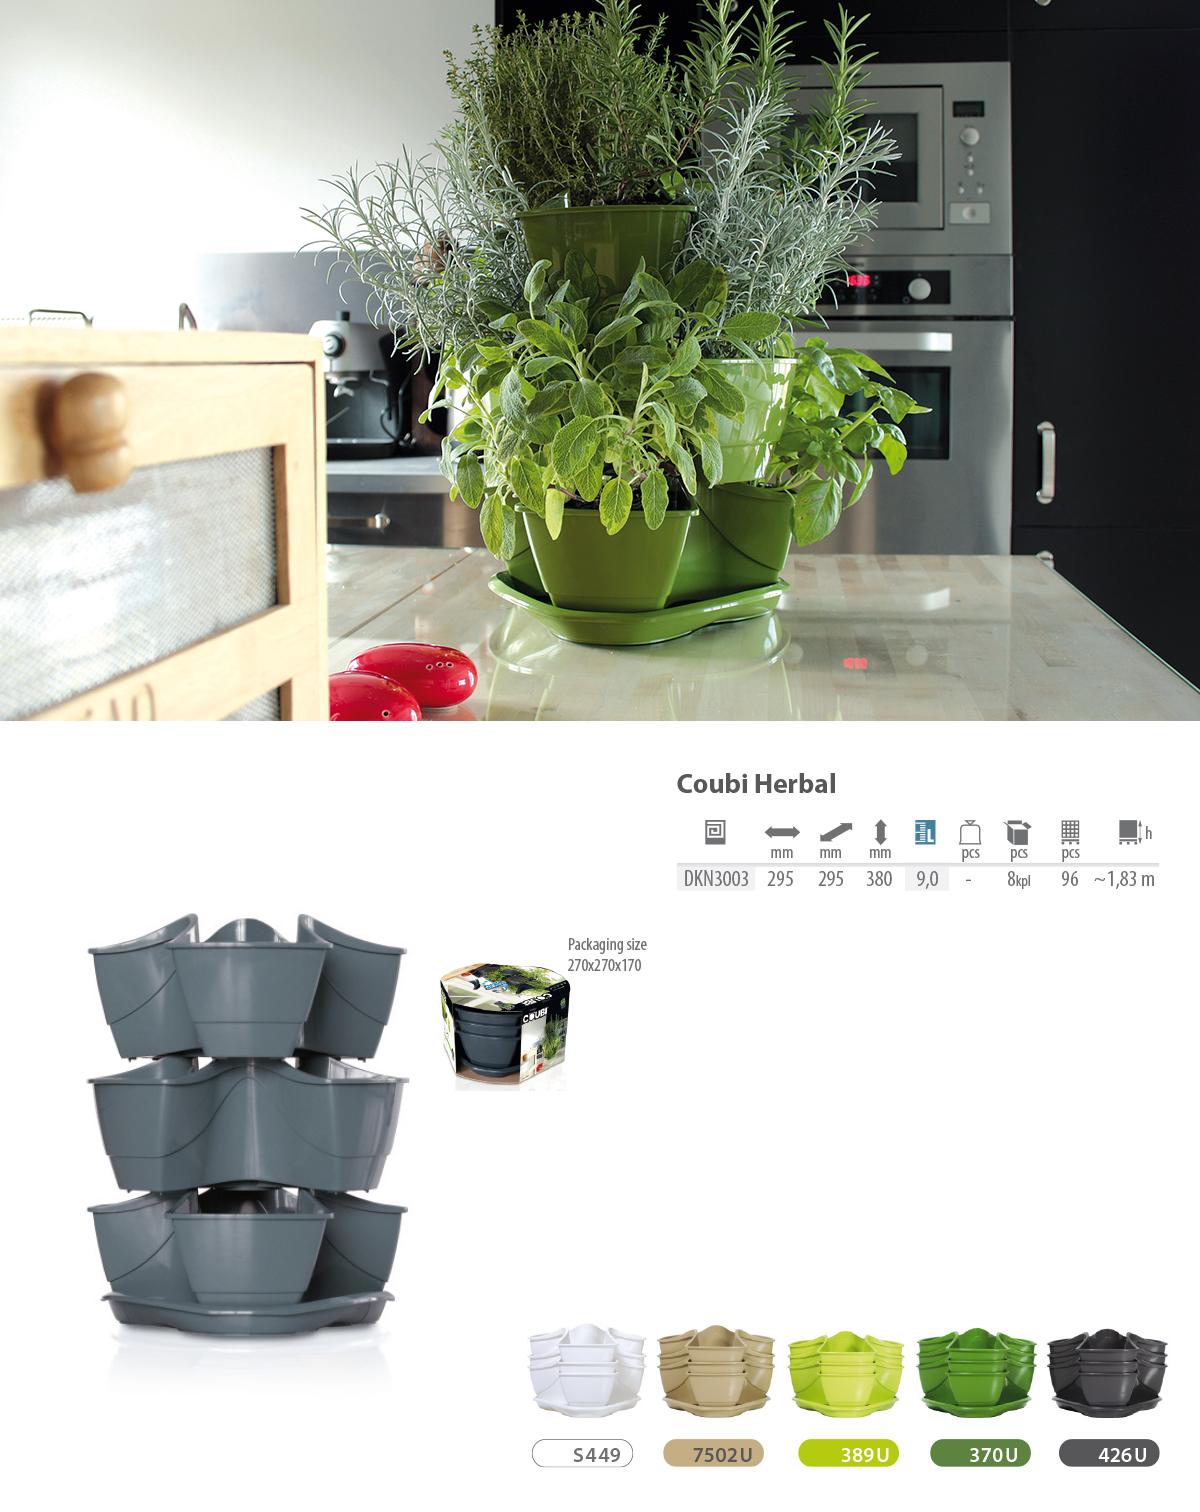 Full Size of Kräutertopf Krutertopf Coubi Prosperplast Küche Wohnzimmer Kräutertopf